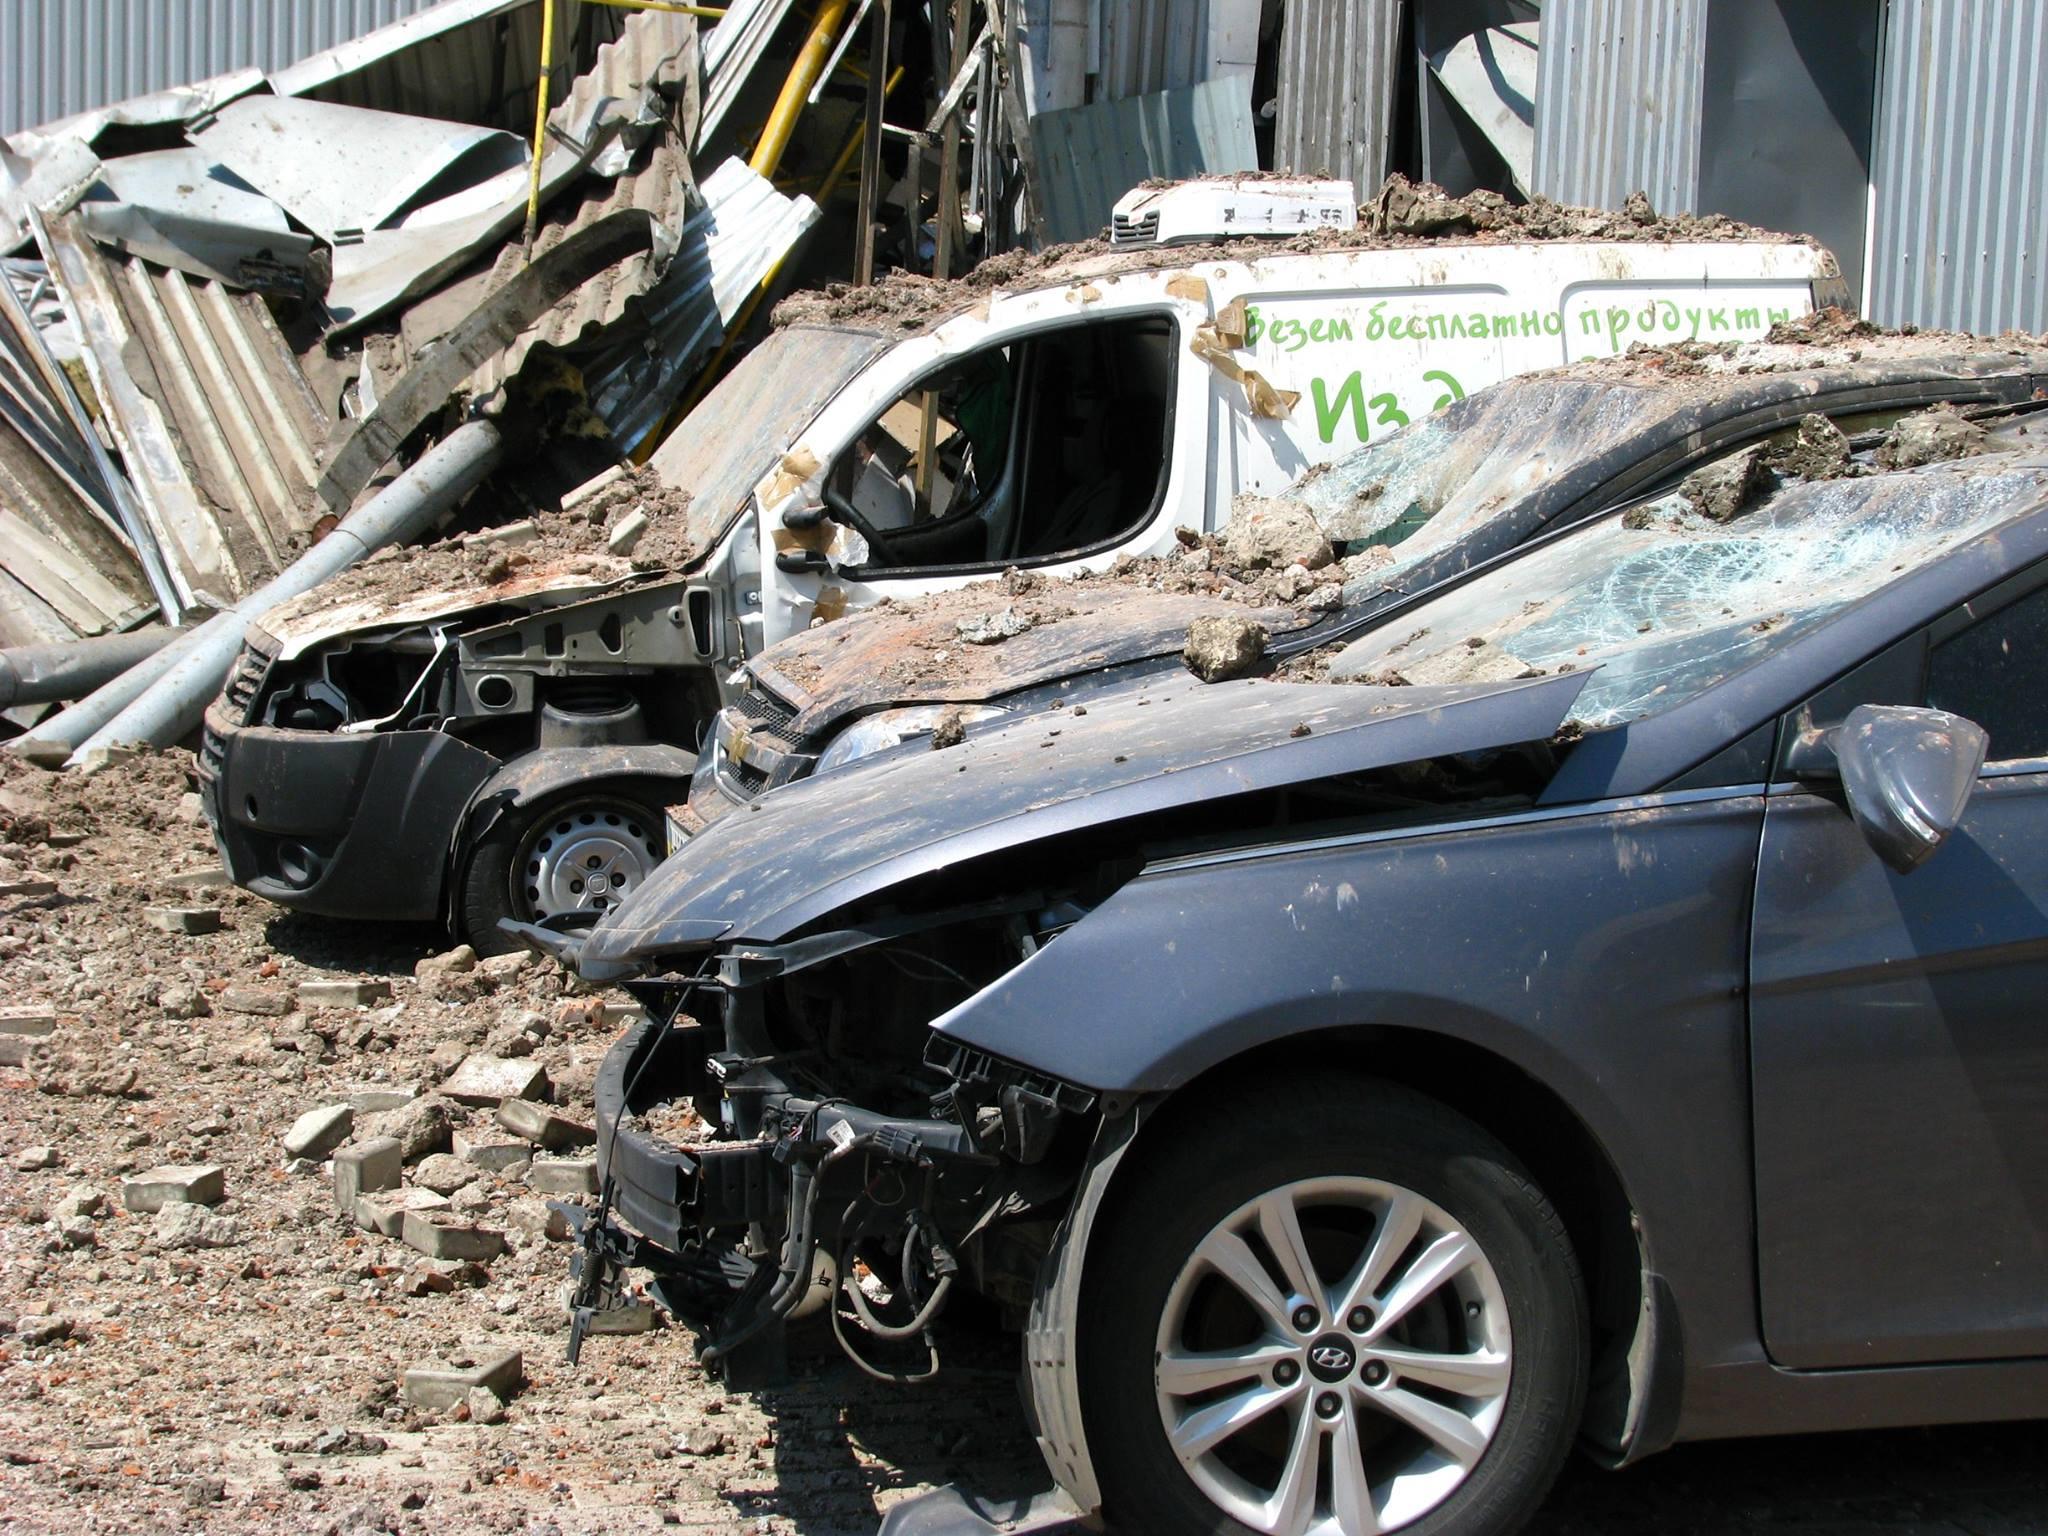 Калининский район Донецка после обстрела: снаряд посреди дороги, разрушенная автобаза